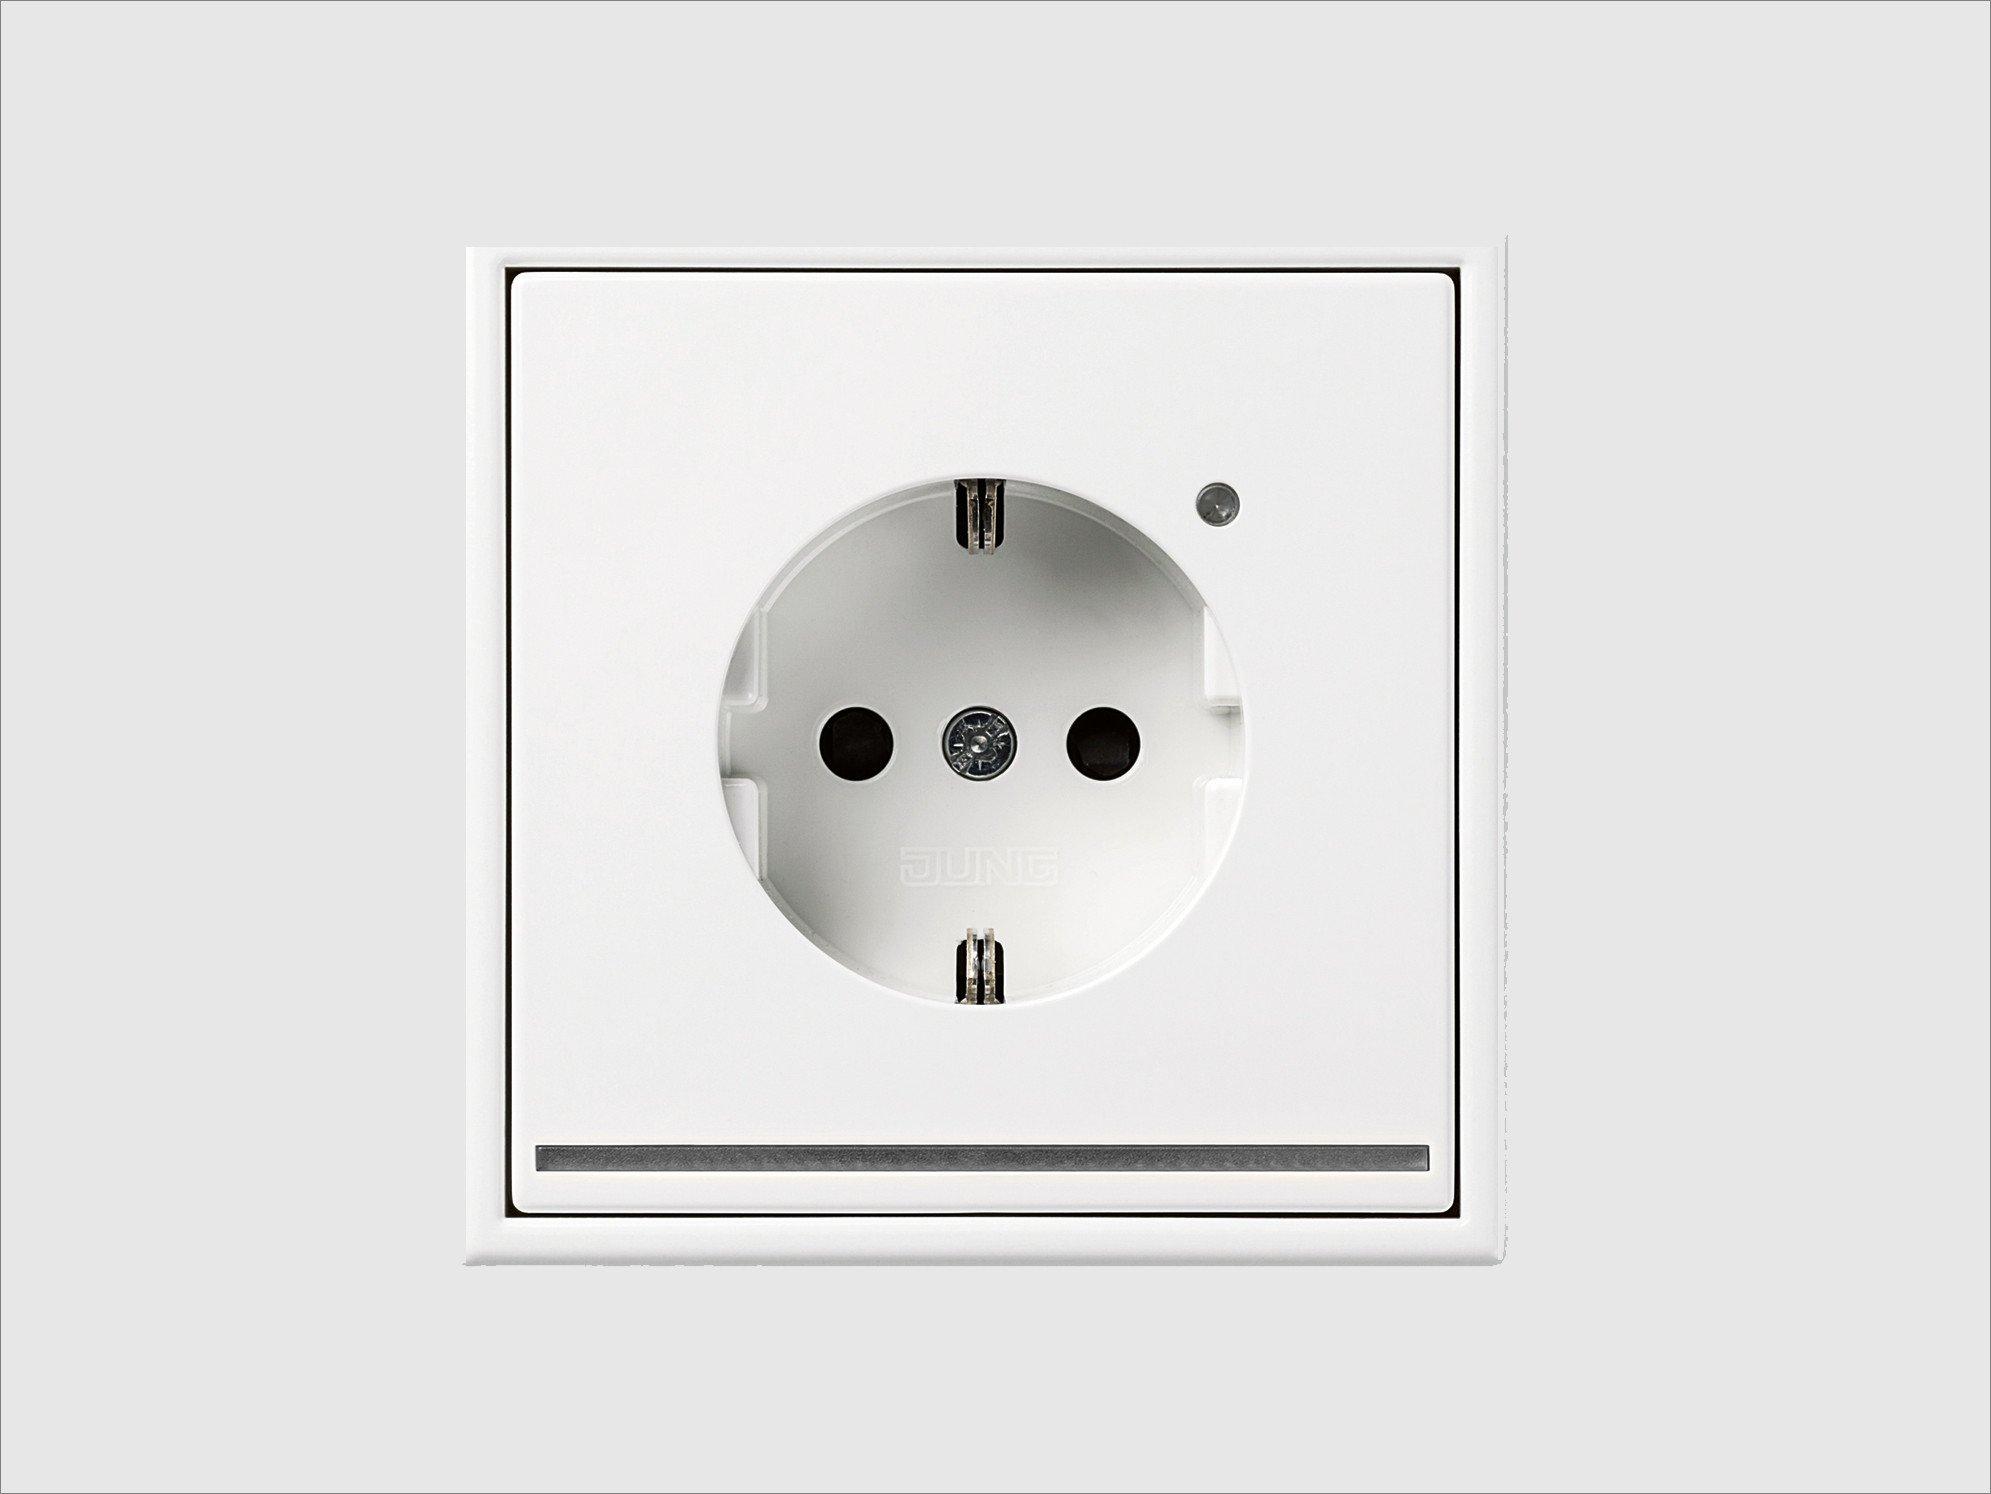 Schalter und Steckdosen mit LED-Beleuchtung | Elektro | News ...